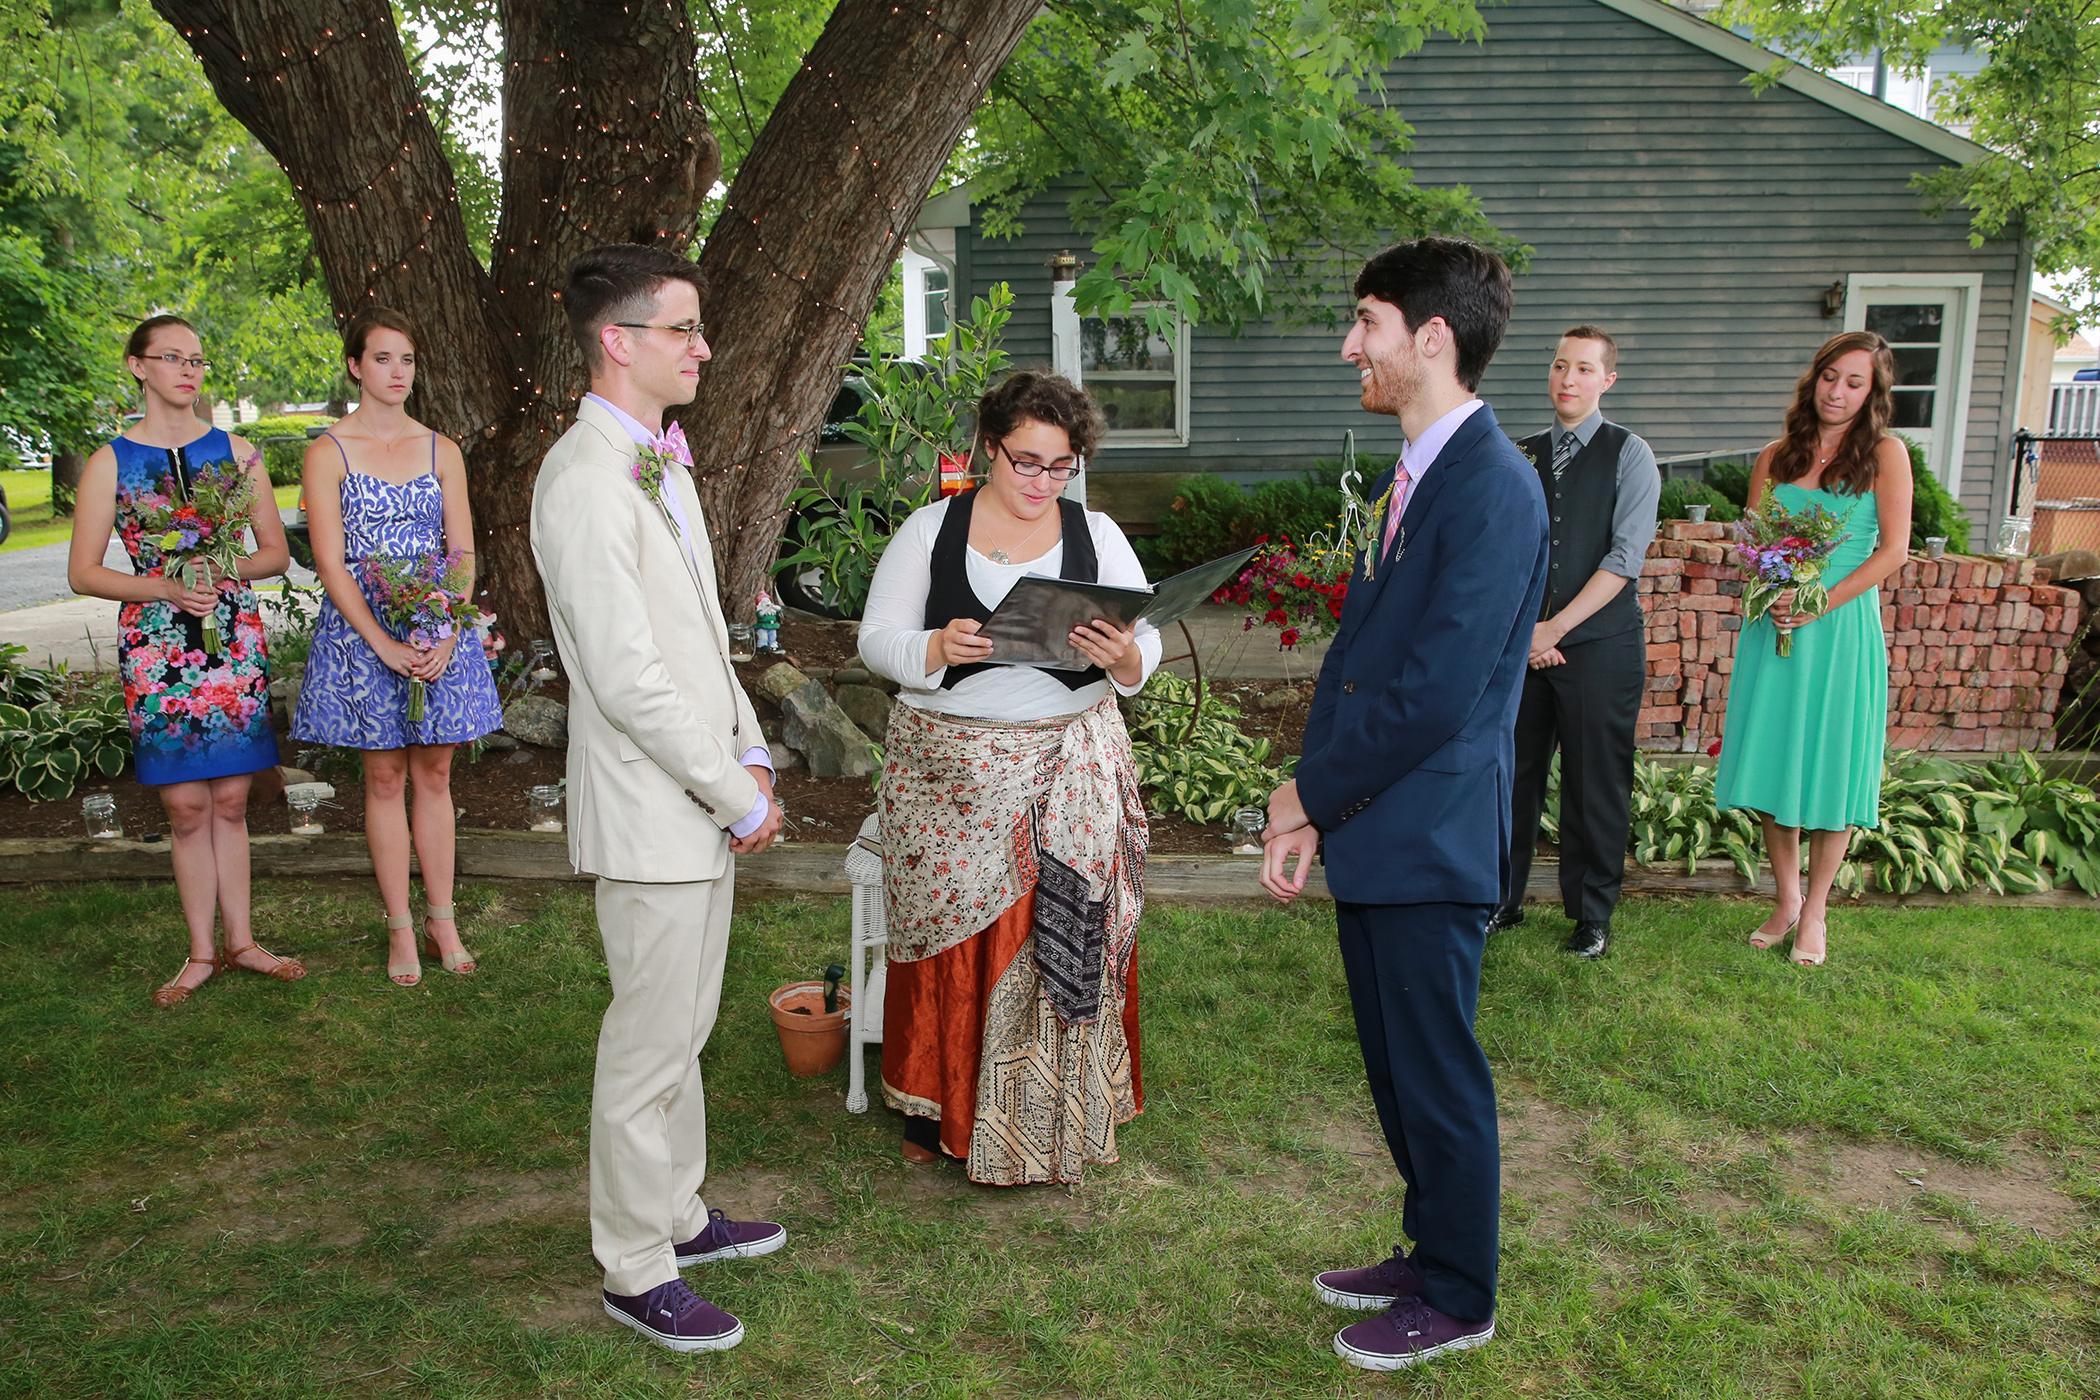 Wedding Ceromony near Albany NY